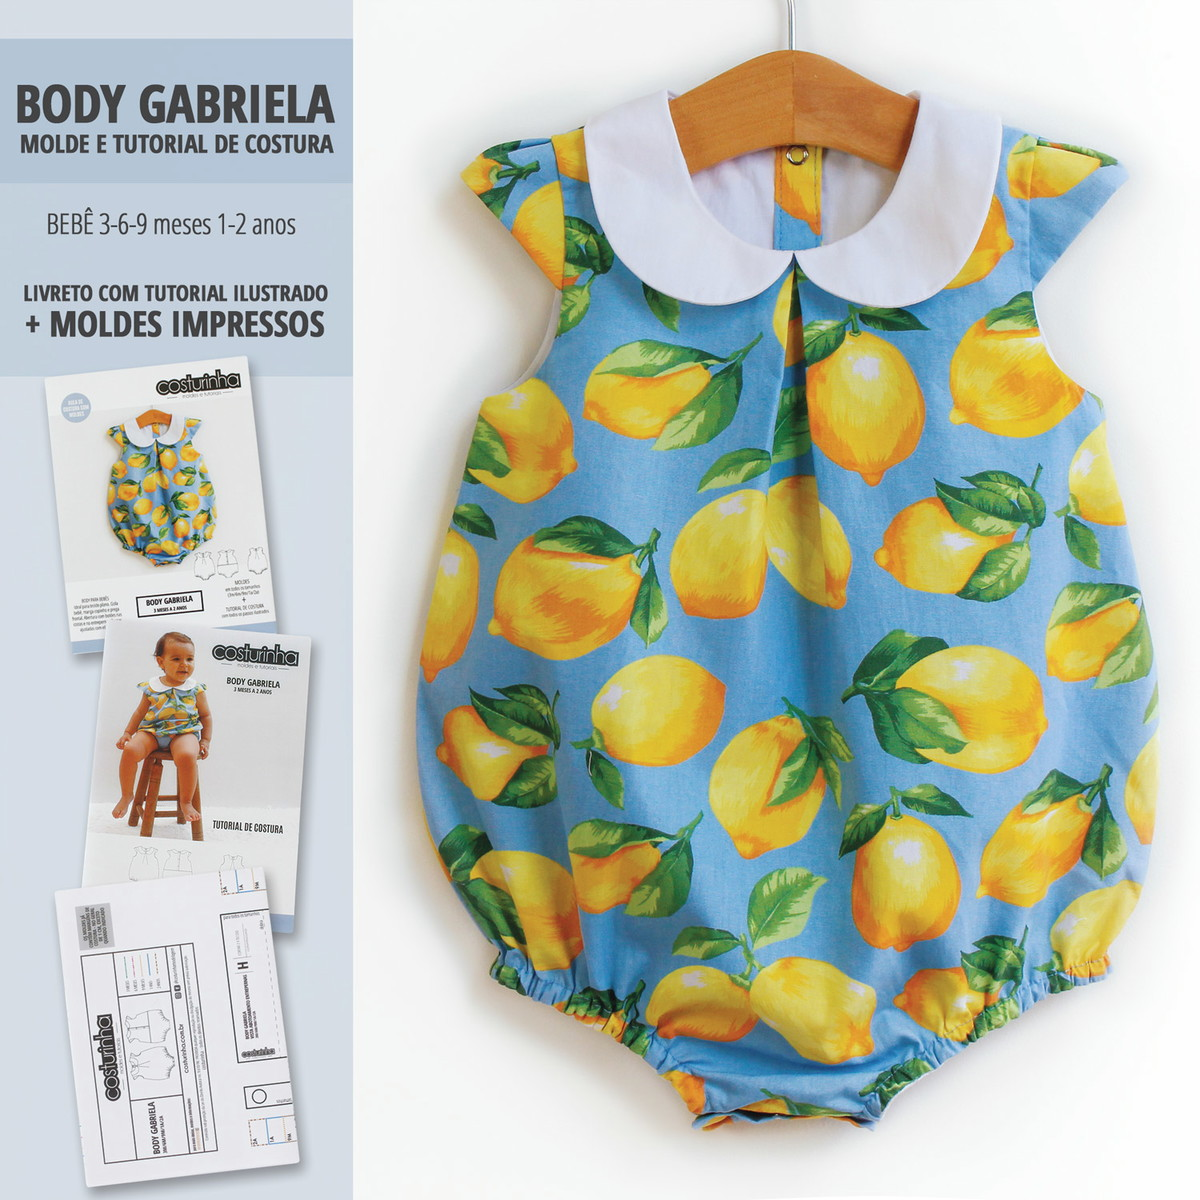 Body Gabriela Impresso Moldes E Tutorial No Elo7 Costurinha